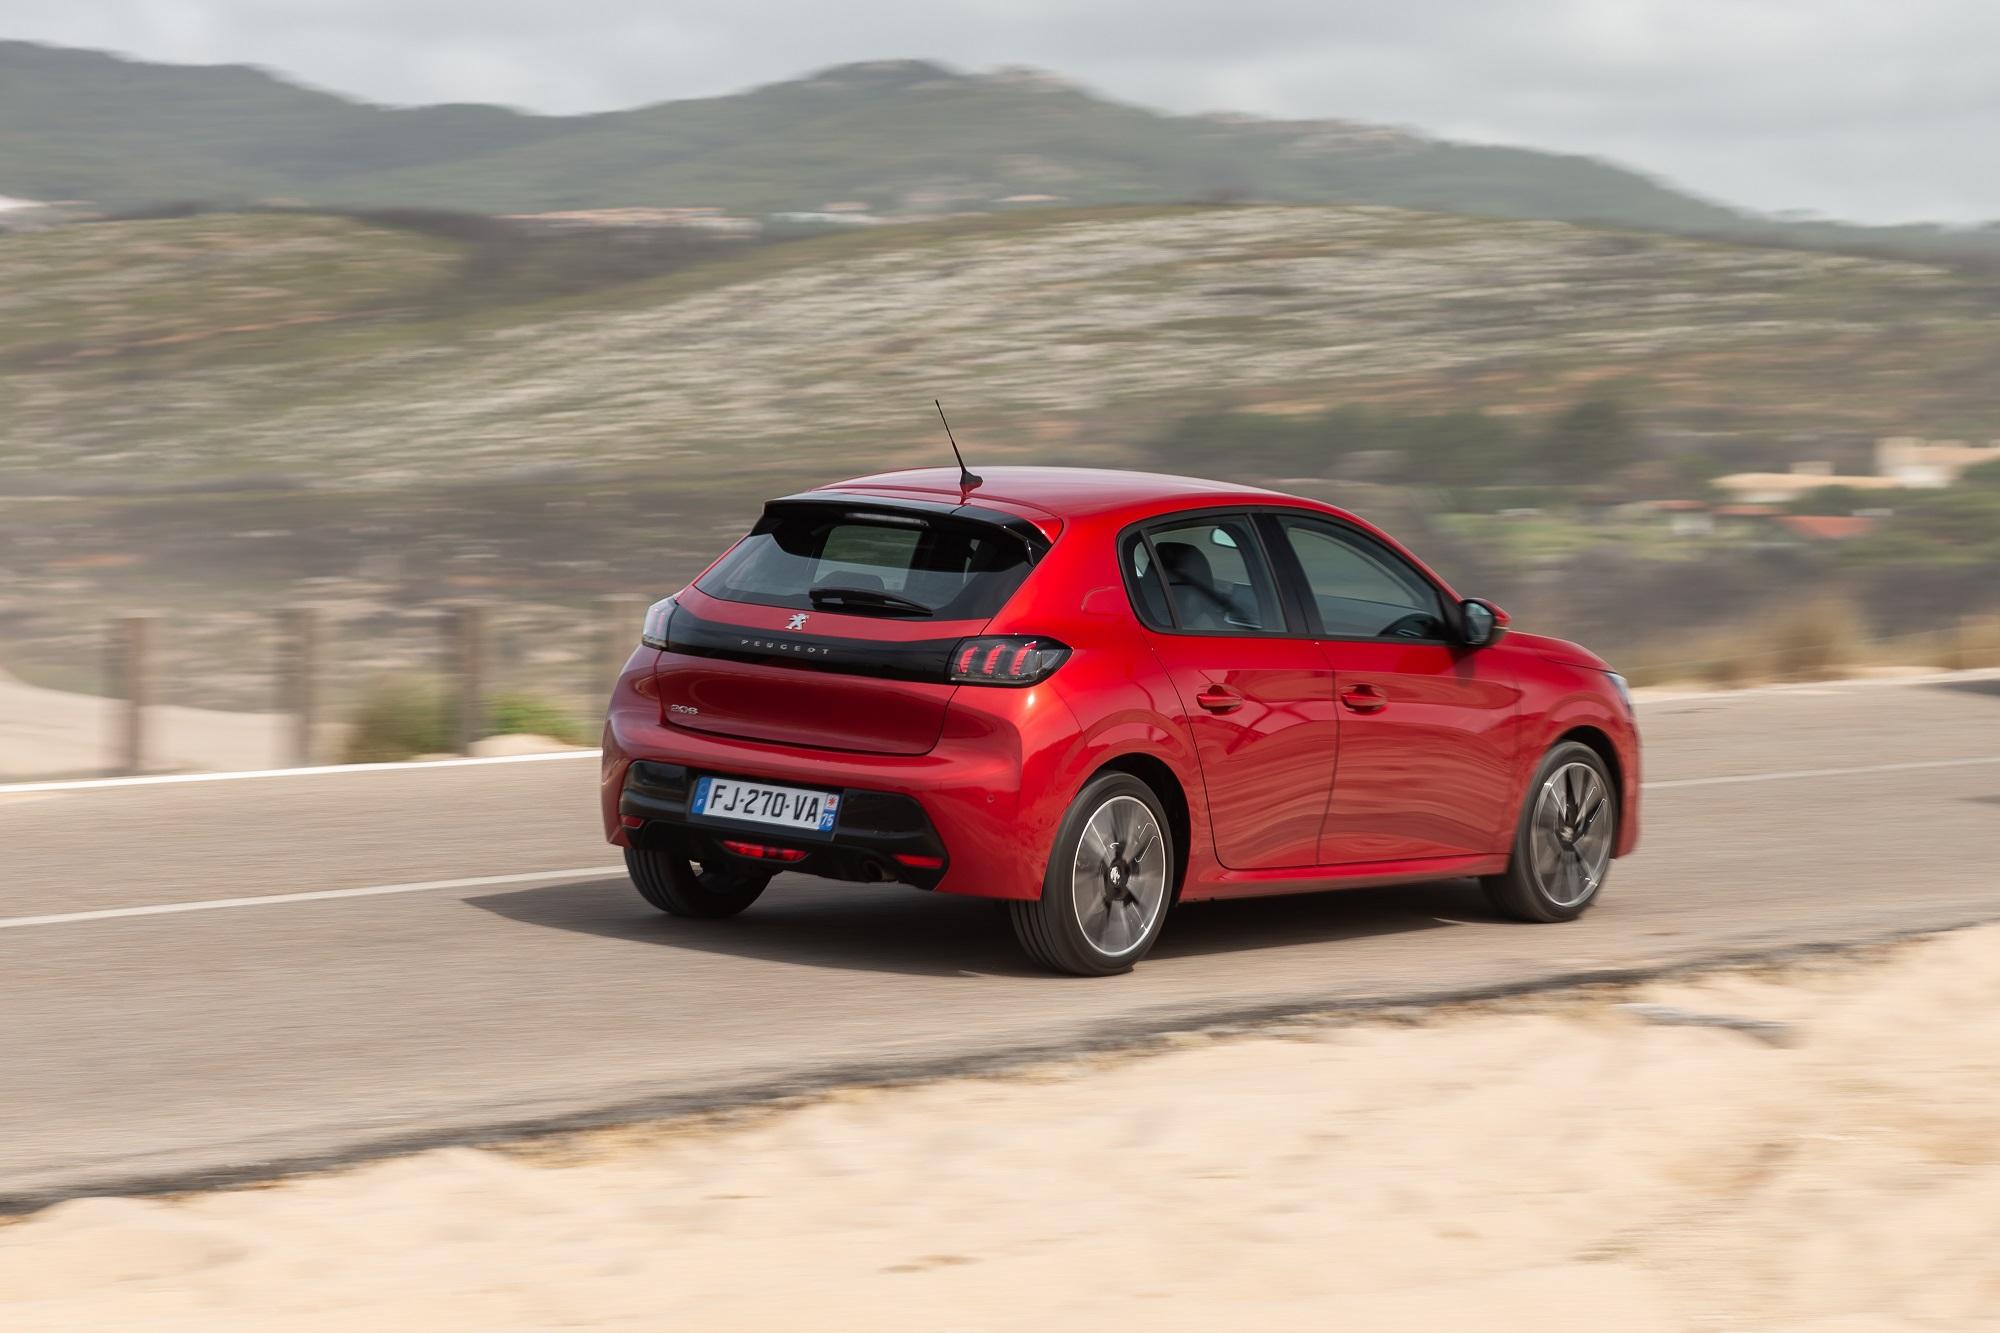 Novo Peugeot 208 de traseira em movimento na estrada na cor vermelha